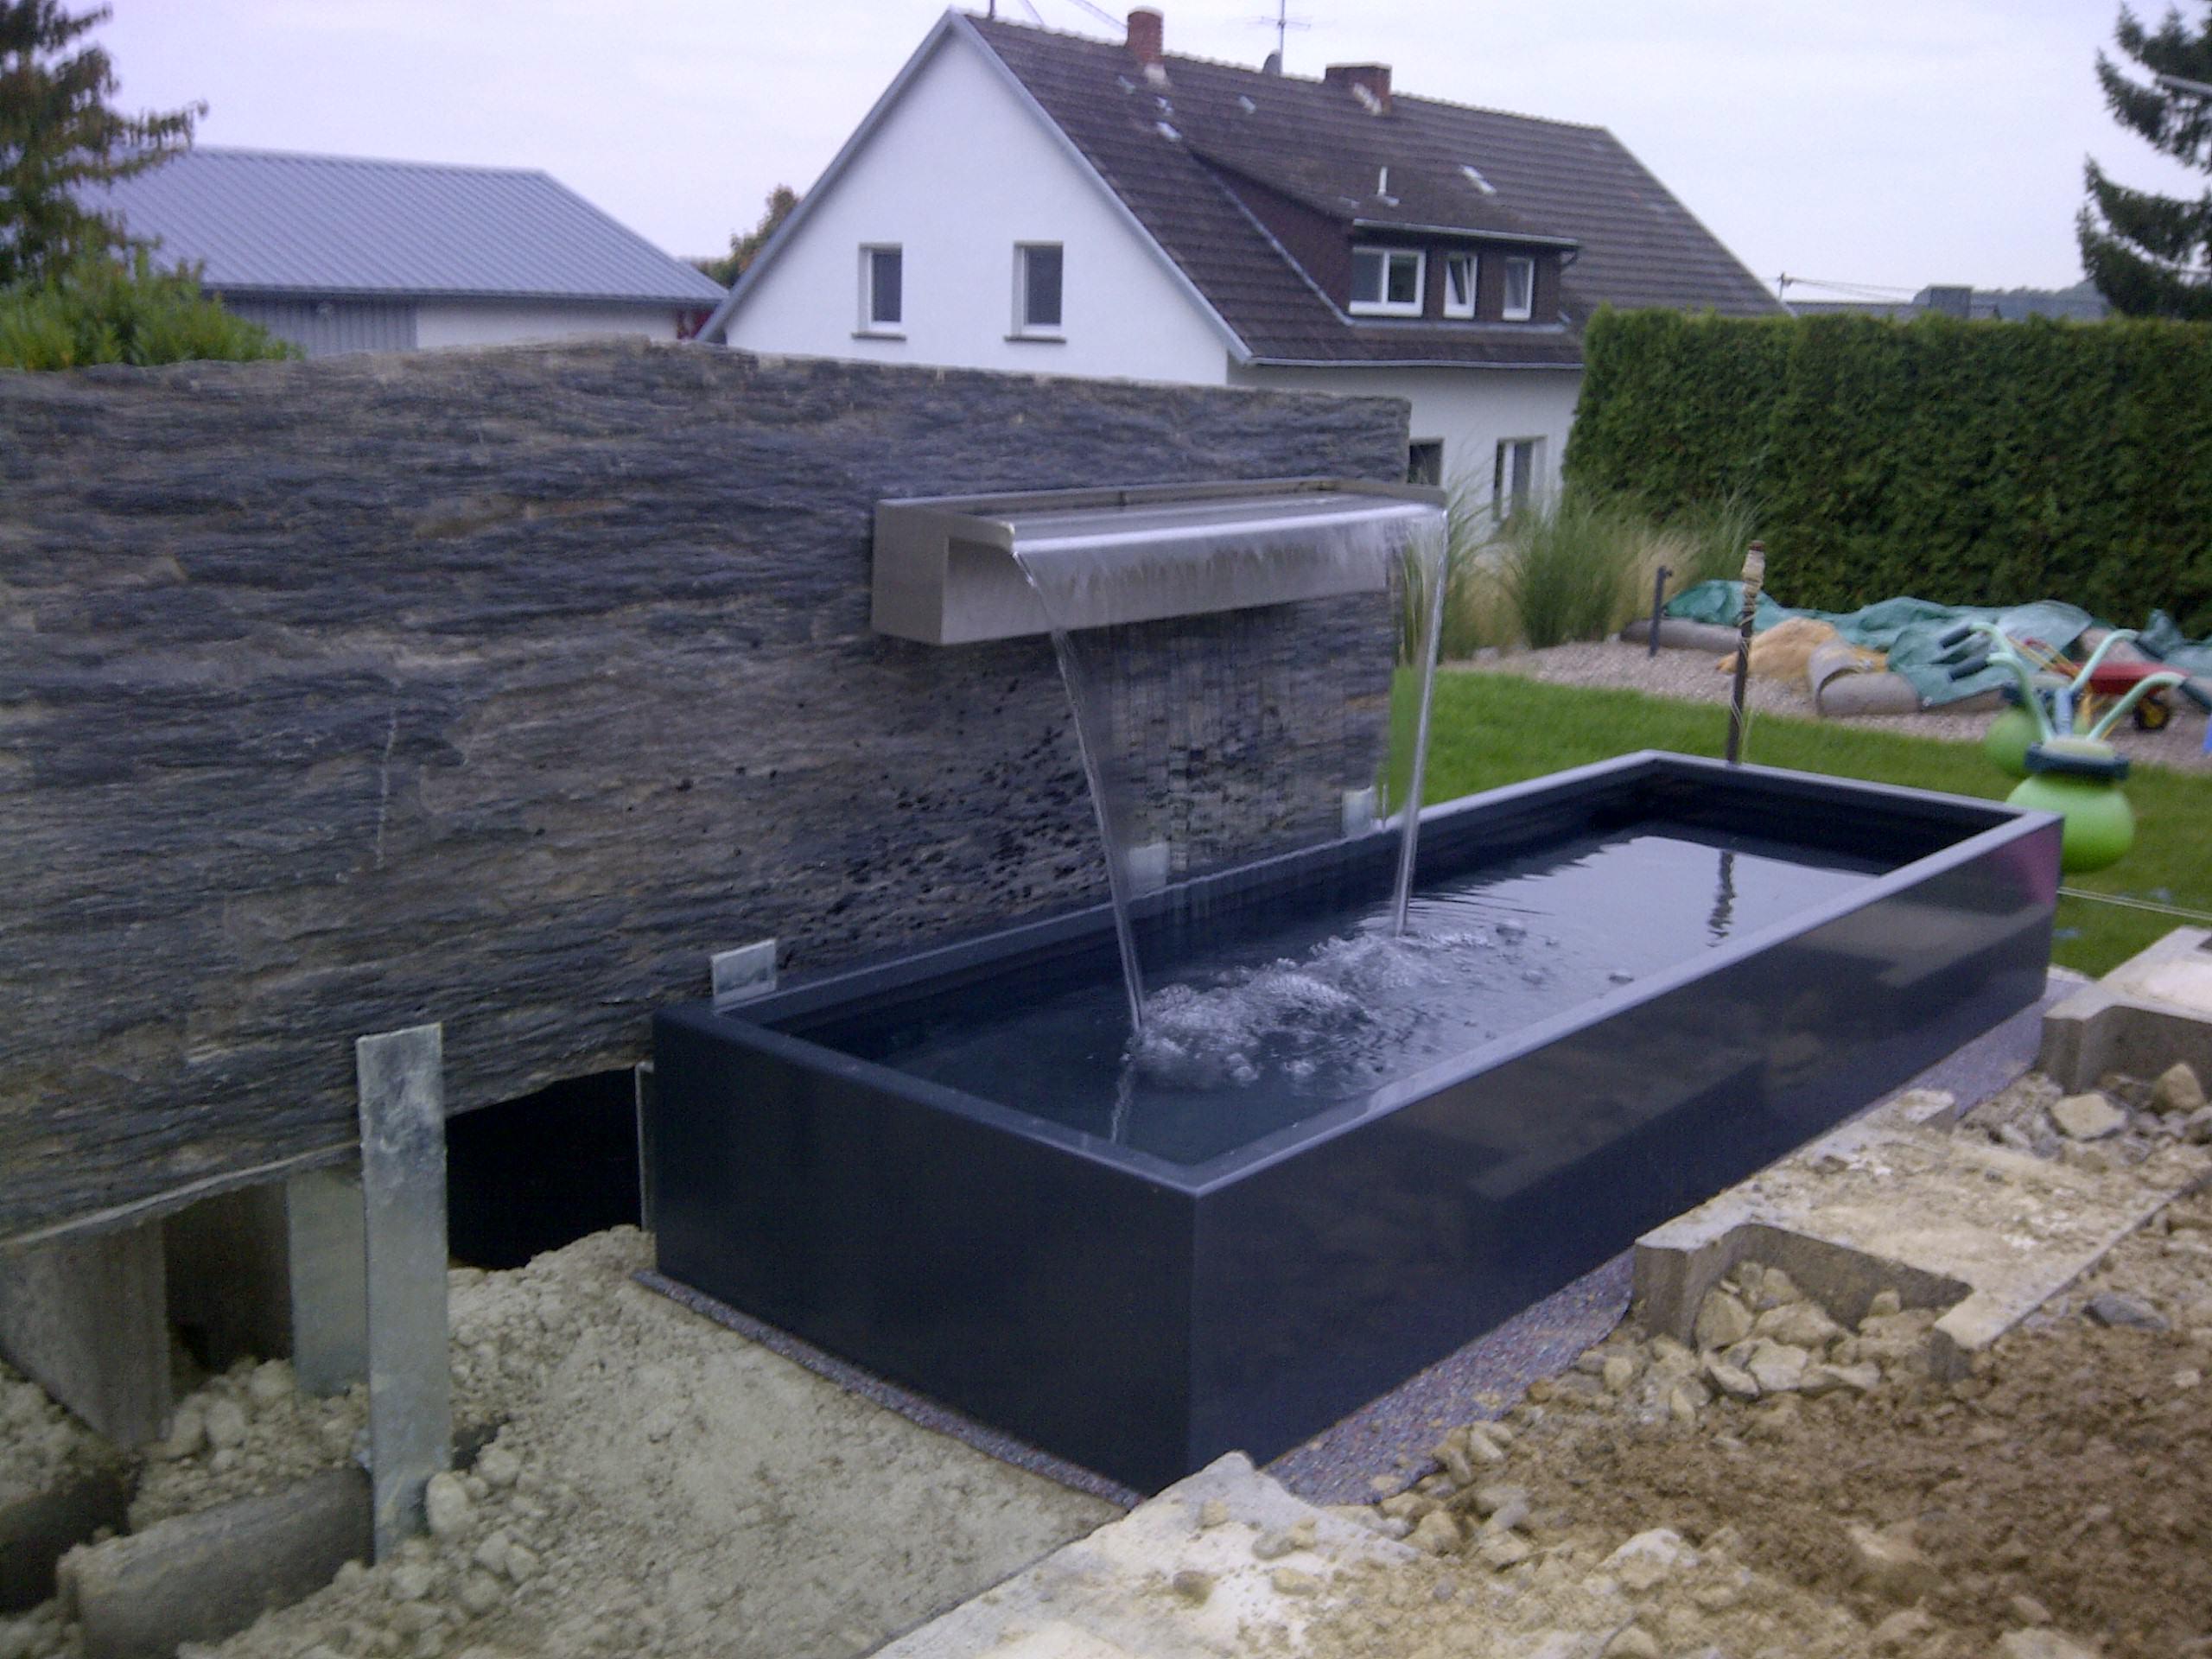 Terrasse Mit Sichtschutz Teil 1 Moderner Sichtschutz Im Garten